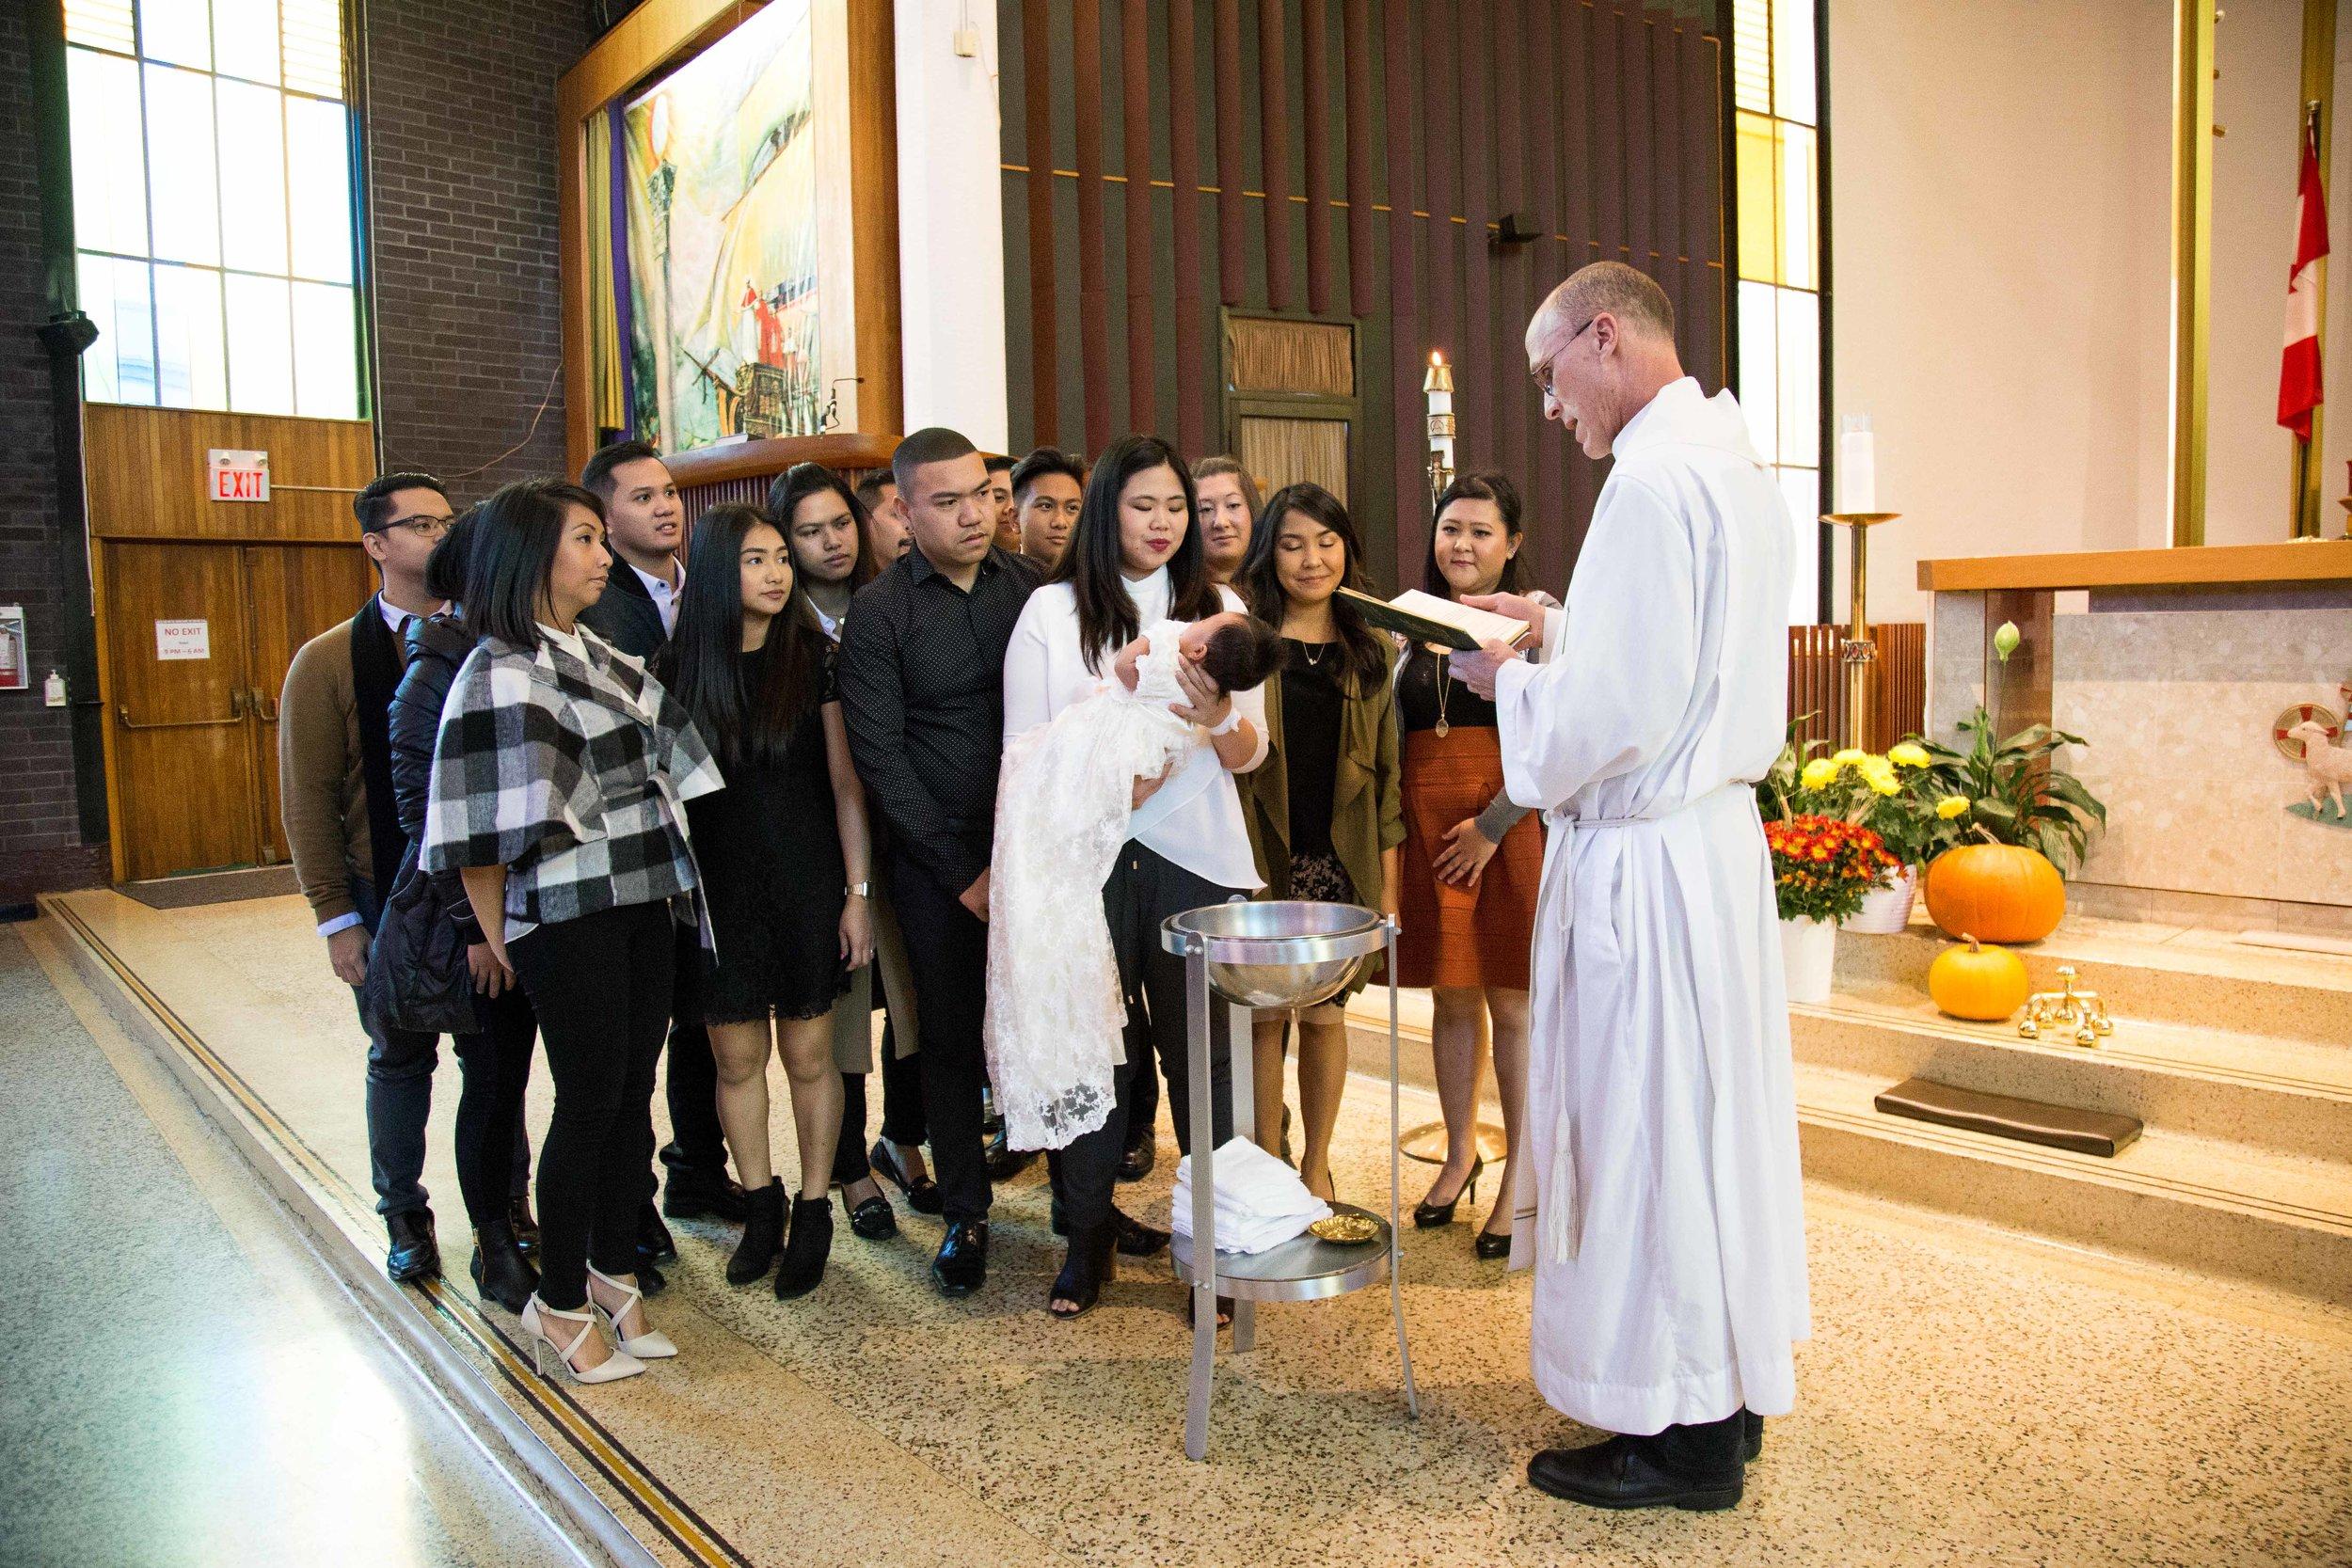 baptism-babyAria-MicaMijaresPhotography (5 of 92).jpg